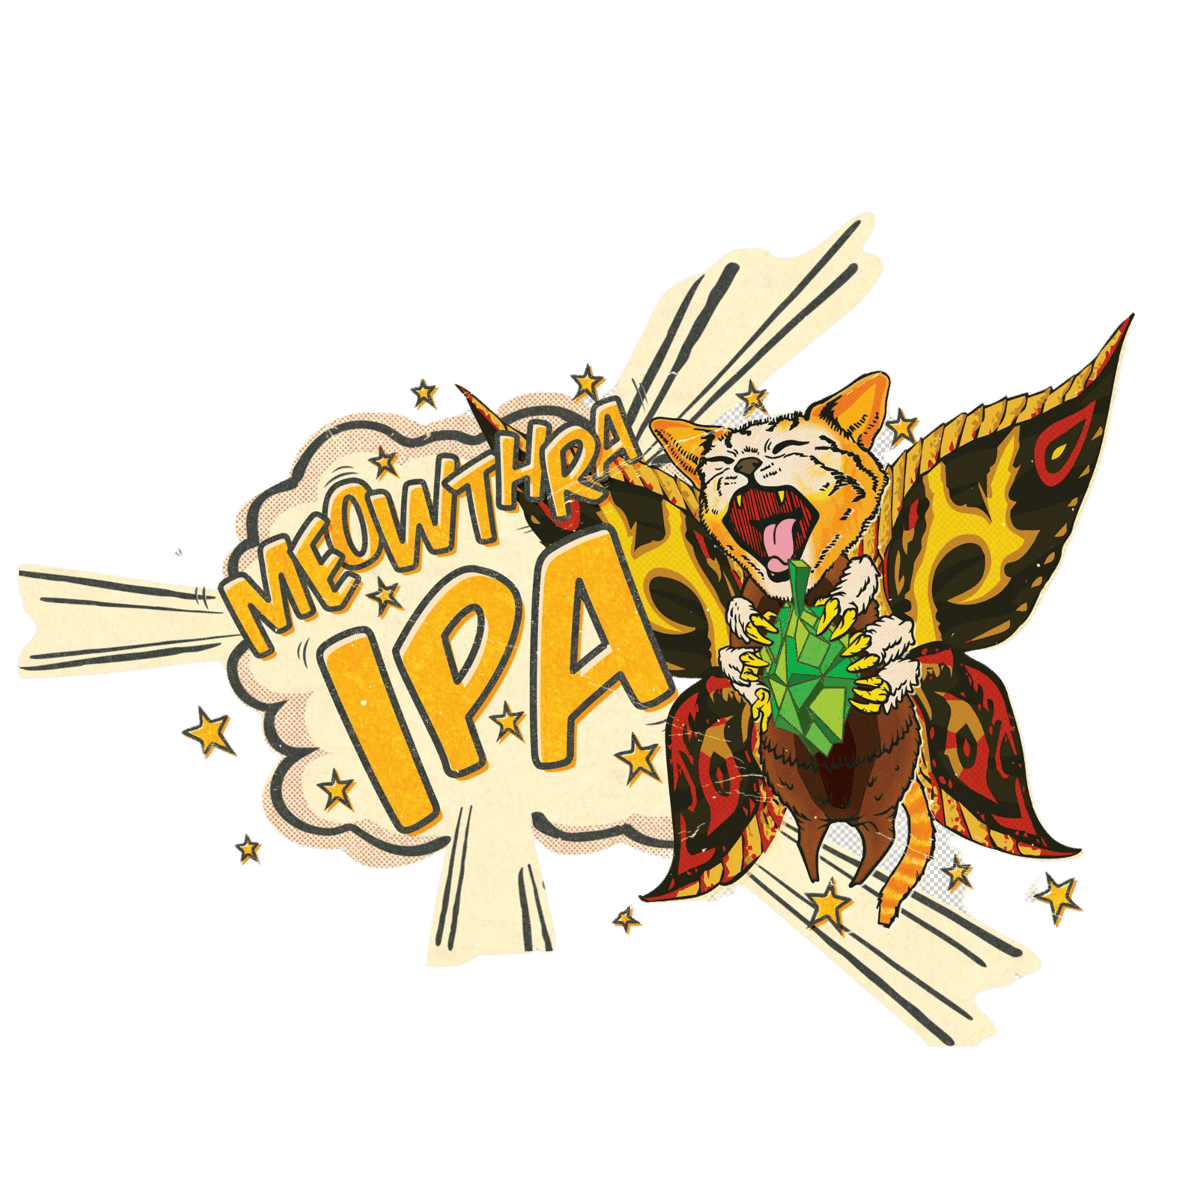 Meowthra IPA